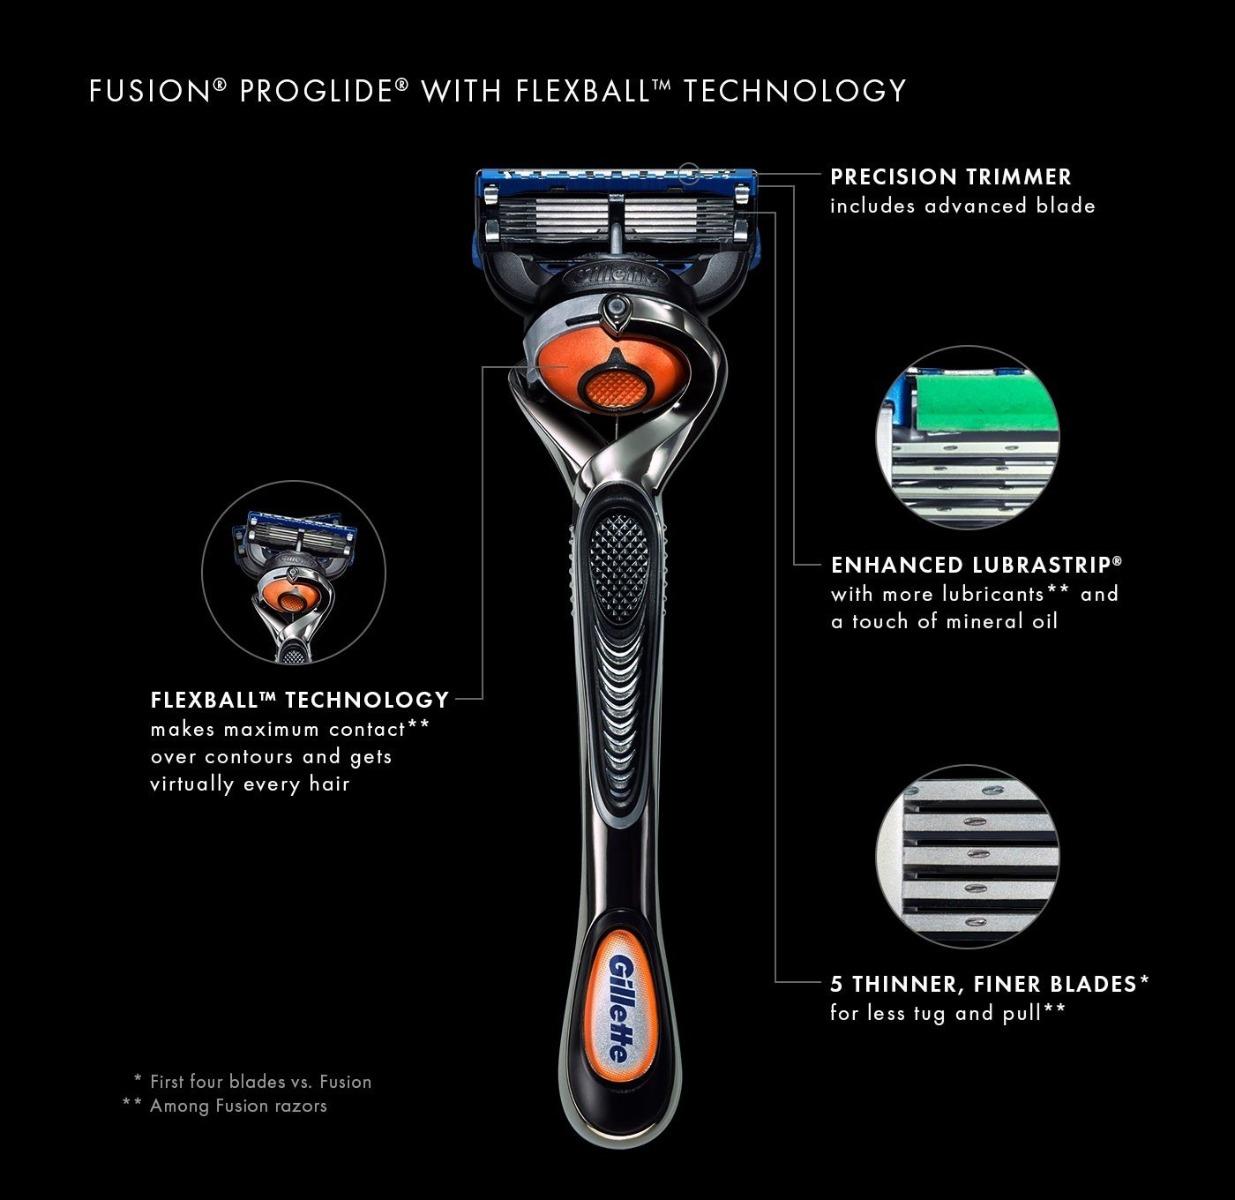 gillette-fusion-proglide-flexball-1up-razor-pack